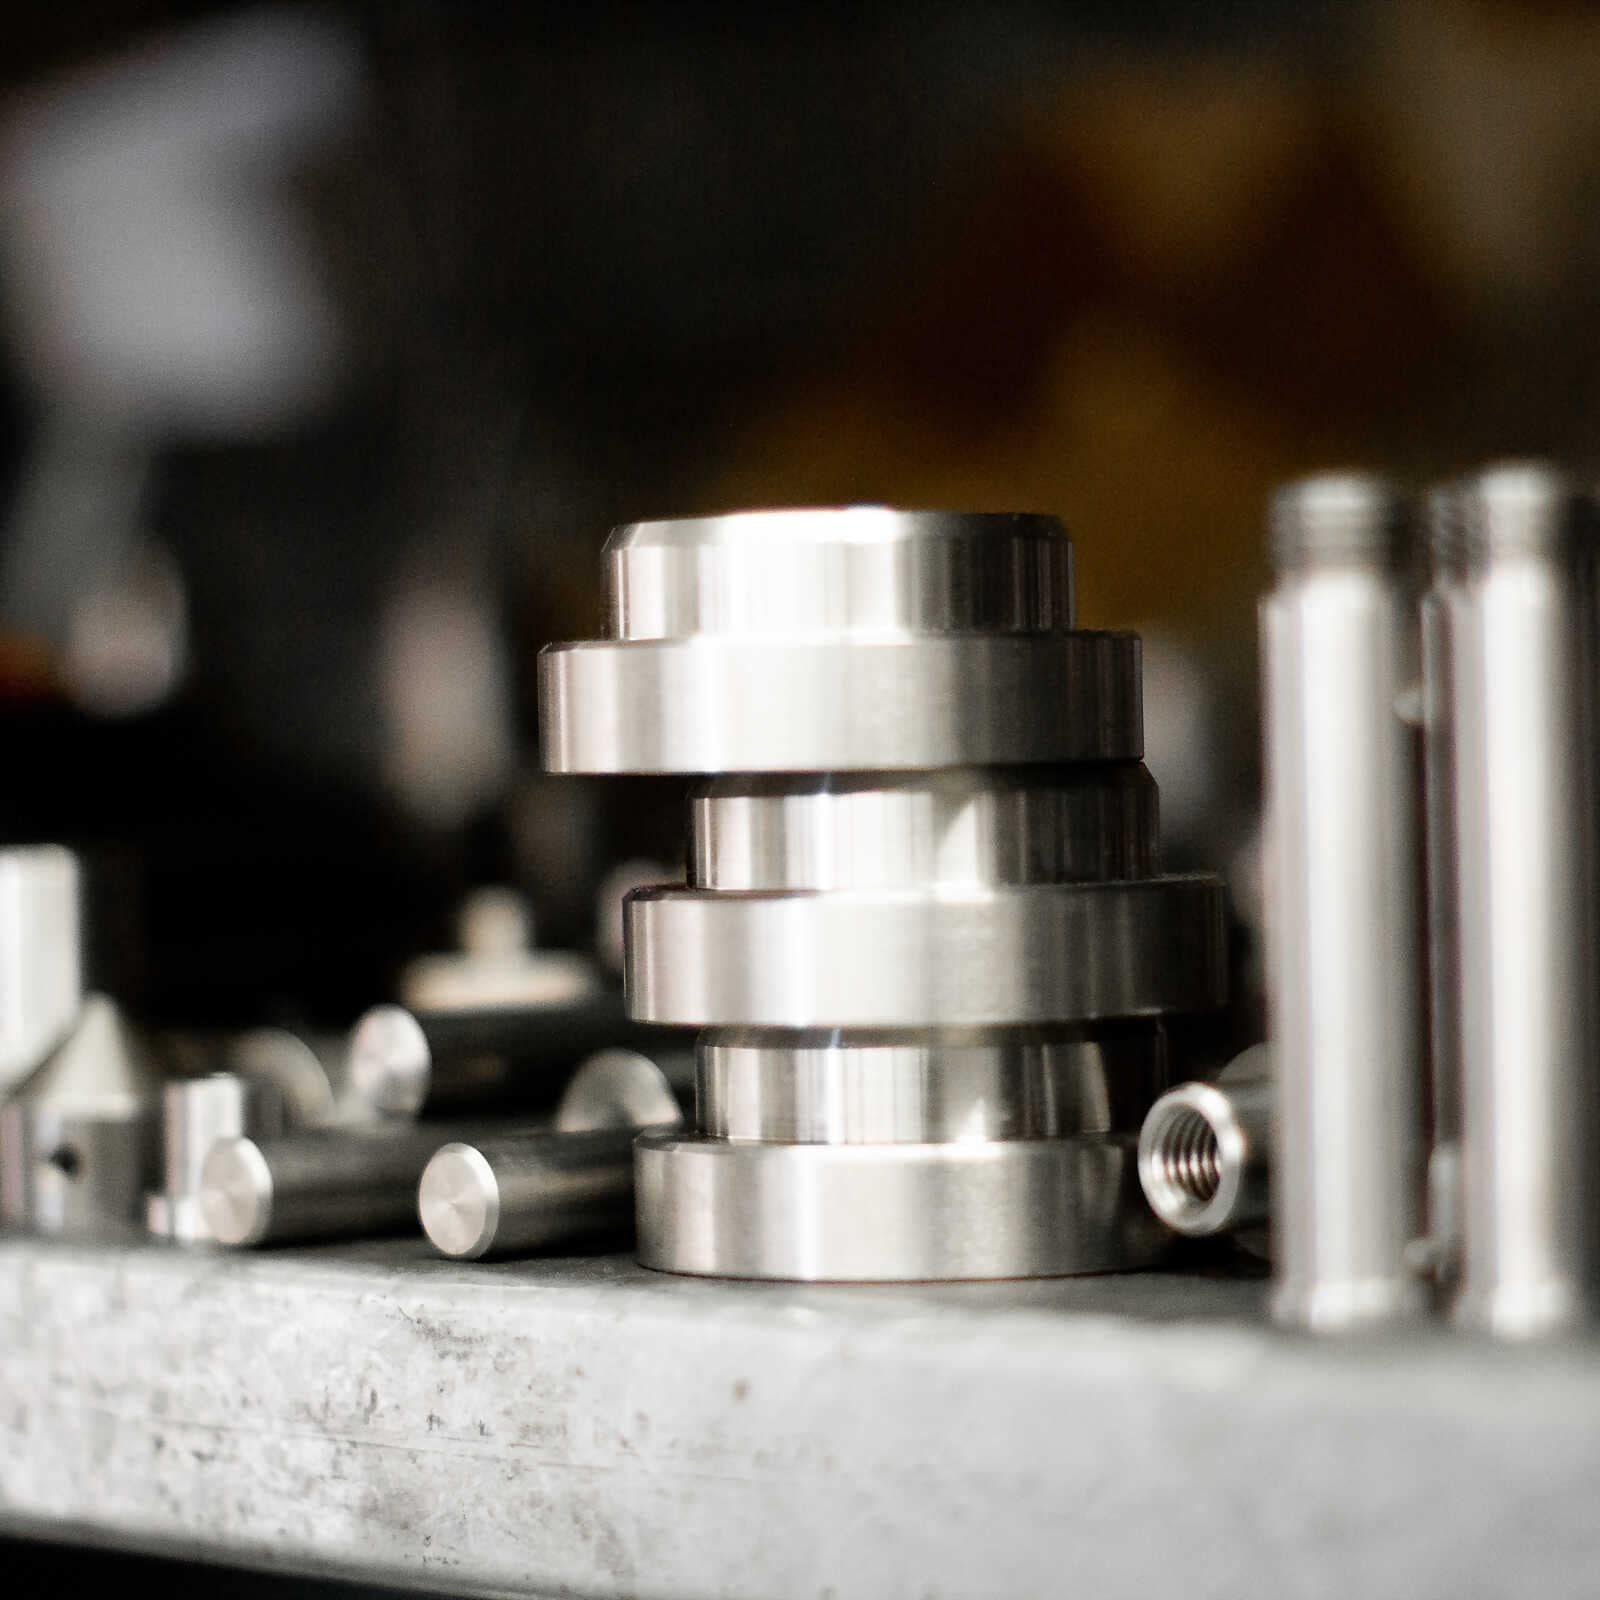 steeger-flechtmaschinen-detail-aufnahmen-maschinentechnik-industrie